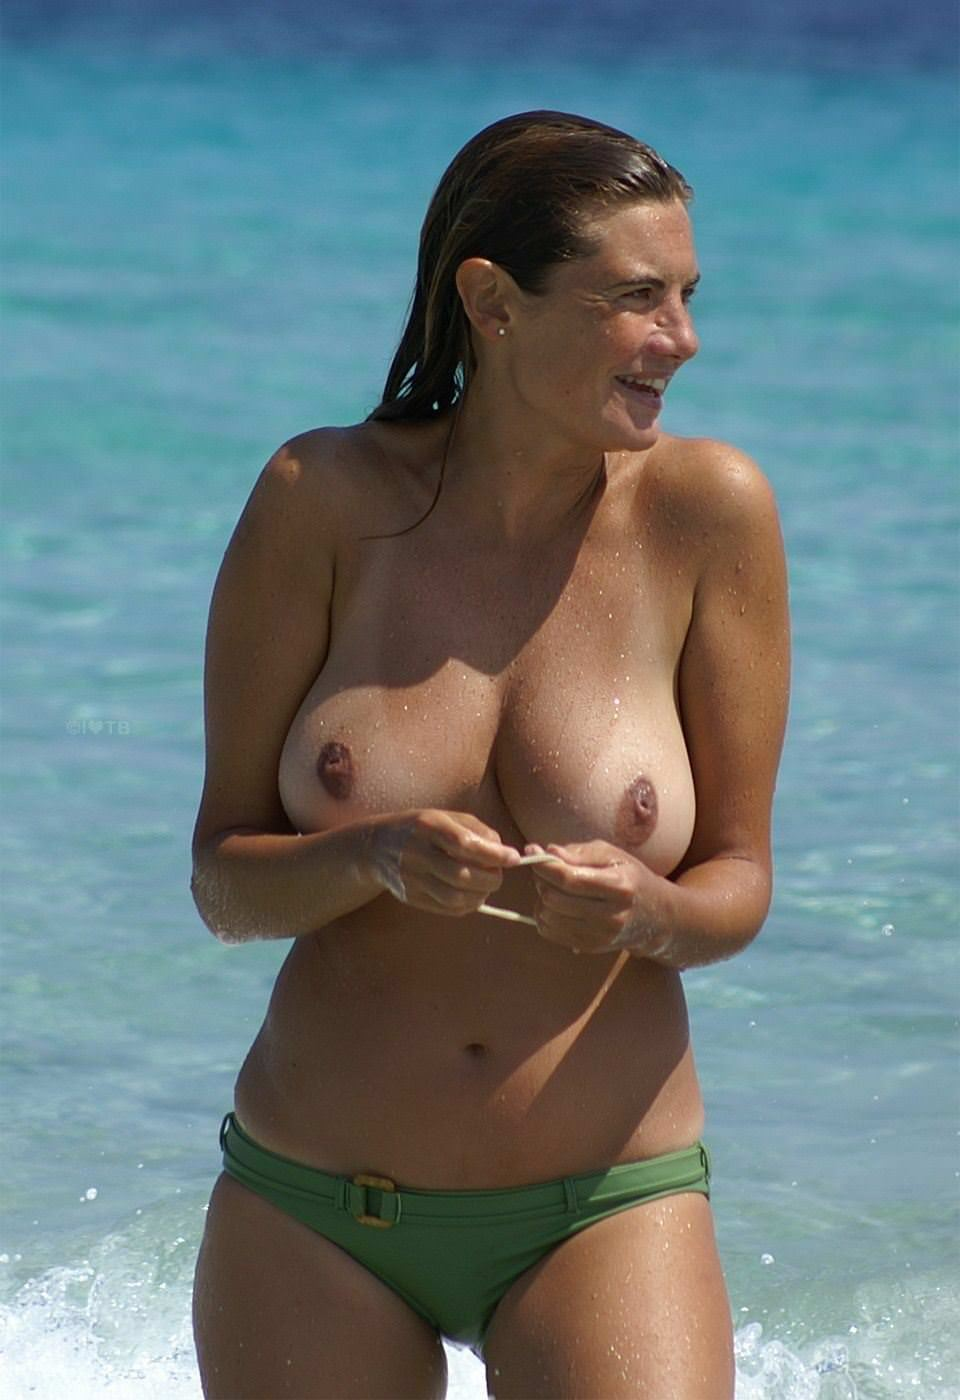 【外人】ヌーディストビーチにいたスライム系巨乳おっぱいたちの隠し撮りポルノ画像 11271